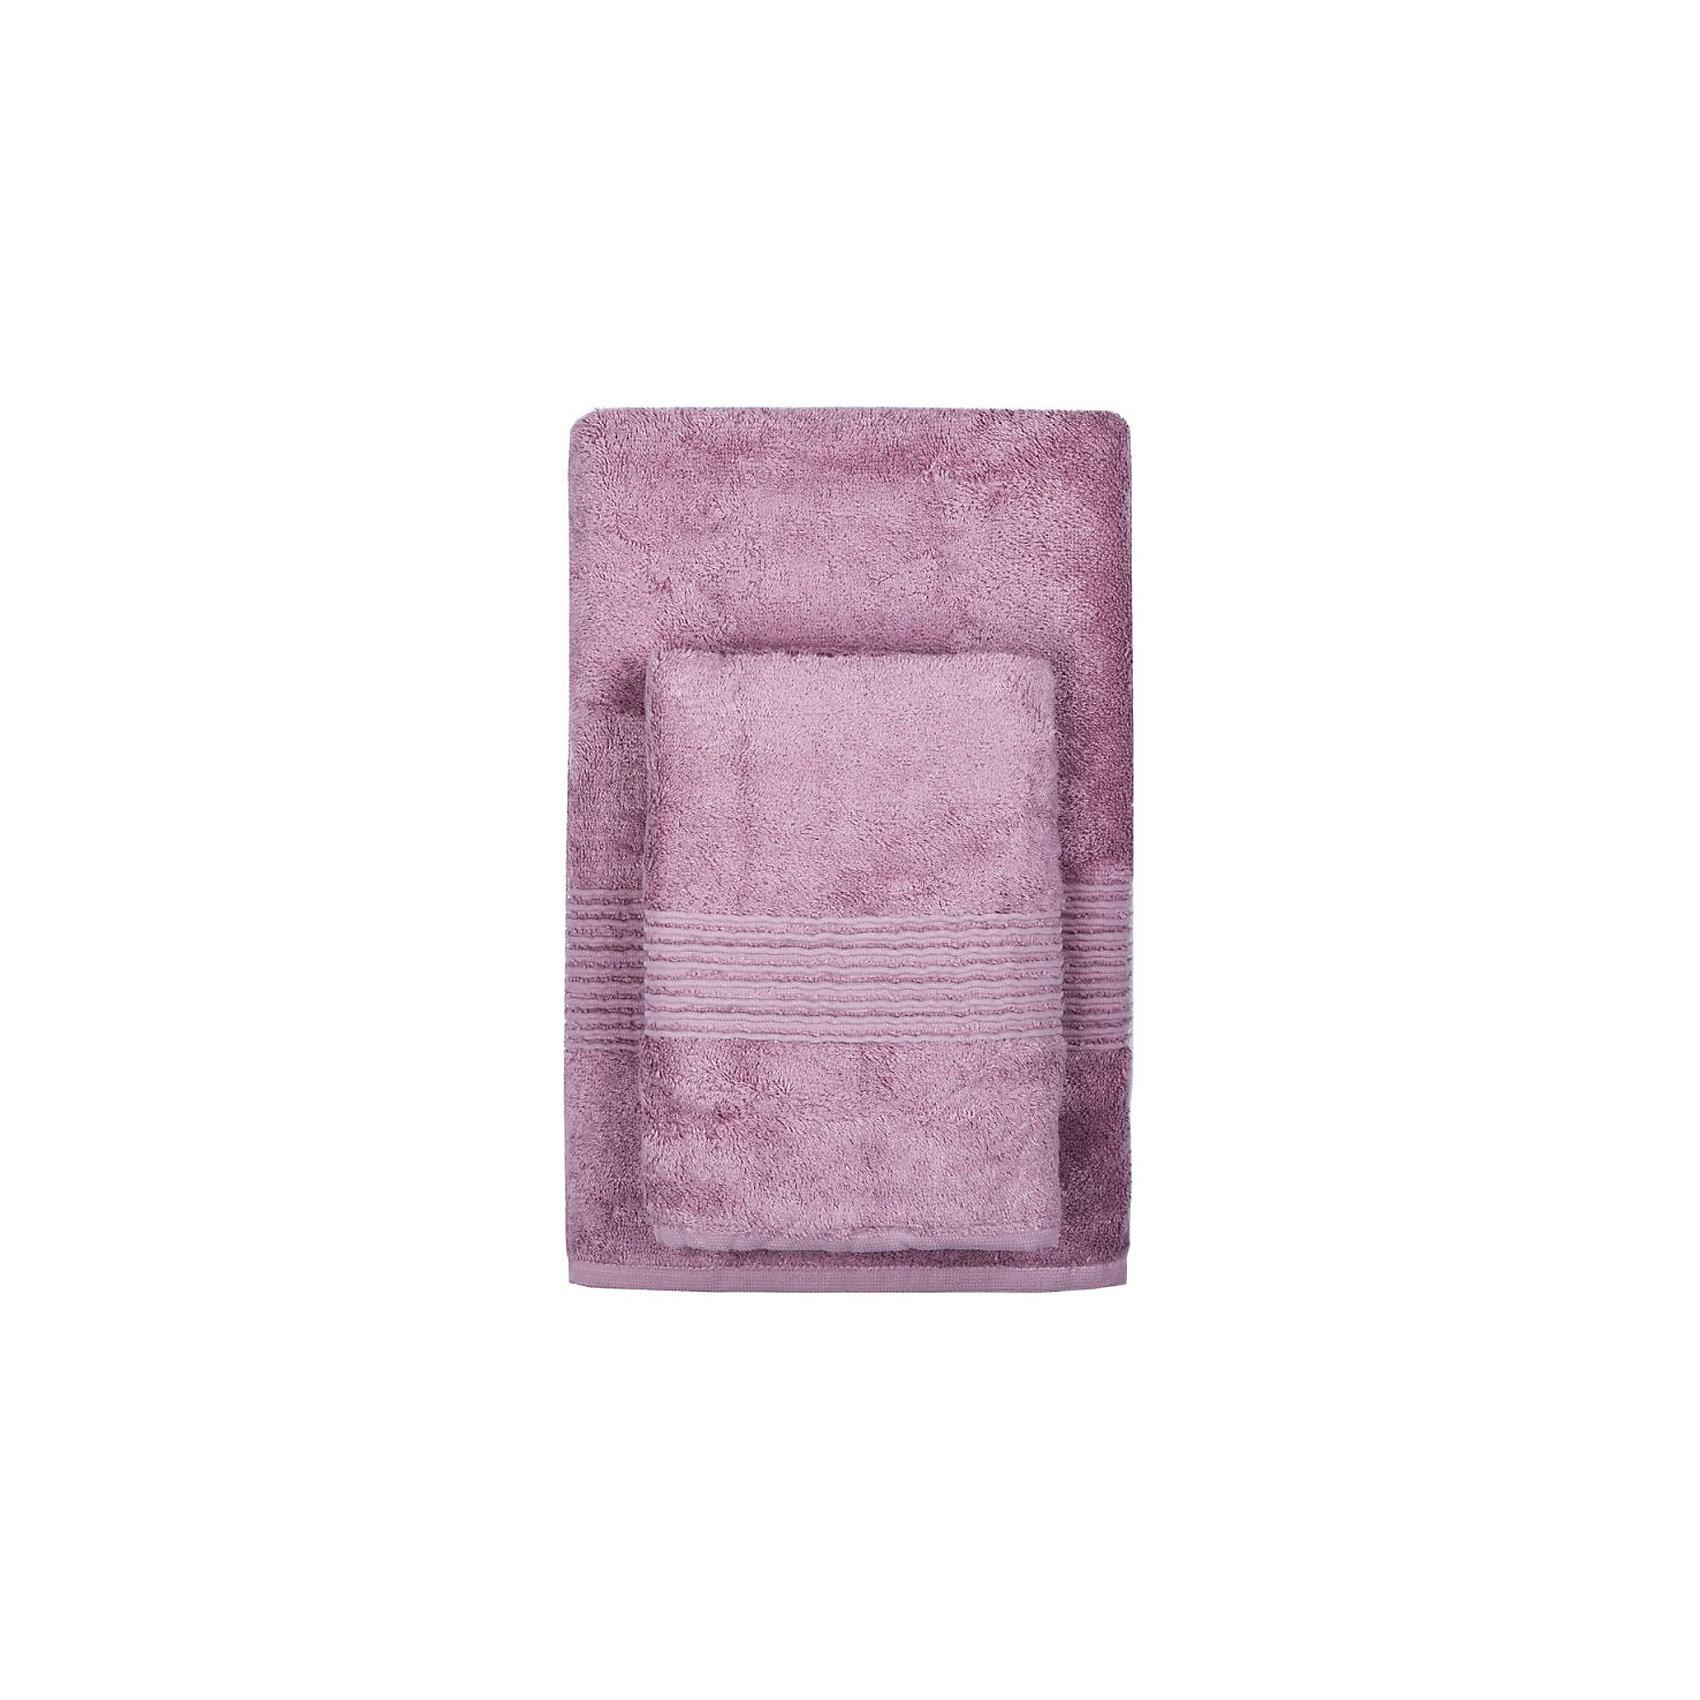 Полотенце махровое Maison Bambu, 70*140, TAC, сиреневый (leylak)Ванная комната<br>Характеристики:<br><br>• Вид домашнего текстиля: махровое полотенце<br>• Размеры полотенца: 70*140 см<br>• Рисунок: без рисунка<br>• Декоративные элементы: бордюр<br>• Материал: хлопок, 50% хлопок; бамбук, 50%<br>• Цвет: сиреневый<br>• Плотность полотна: 550 гр/м2 <br>• Вес: 550 г<br>• Размеры упаковки (Д*Ш*В): 37*5*25 см<br>• Особенности ухода: машинная стирка <br><br>Полотенце махровое Maison Bambu, 70*140, TAC, сиреневый (leylak) от наиболее популярного бренда на отечественном рынке среди производителей комплектов постельного белья и текстильных принадлежностей, выпуском которого занимается производственная компания, являющаяся частью мирового холдинга Zorlu Holding Textiles Group. Полотенце выполнено из сочетания натурального хлопка и бамбукового волокна, что обеспечивает гипоаллергенность, высокую износоустойчивость, повышенные гигкоскопические и антибактериальные свойства изделия. <br><br>Благодаря высокой степени плотности махры, полотенце отлично впитывает влагу, но при этом остается мягким. Ворс окрашен стойкими нетоксичными красителями, который не оставляет запаха и обеспечивает ровный окрас. Полотенце сохраняет свой цвет и форму даже при частых стирках. Выполнено в сиреневом цвете без рисунка, декорировано бордюром.<br><br>Полотенце махровое Maison Bambu, 70*140, TAC, сиреневый (leylak) можно купить в нашем интернет-магазине.<br><br>Ширина мм: 250<br>Глубина мм: 30<br>Высота мм: 350<br>Вес г: 500<br>Возраст от месяцев: 216<br>Возраст до месяцев: 1188<br>Пол: Унисекс<br>Возраст: Детский<br>SKU: 5476328